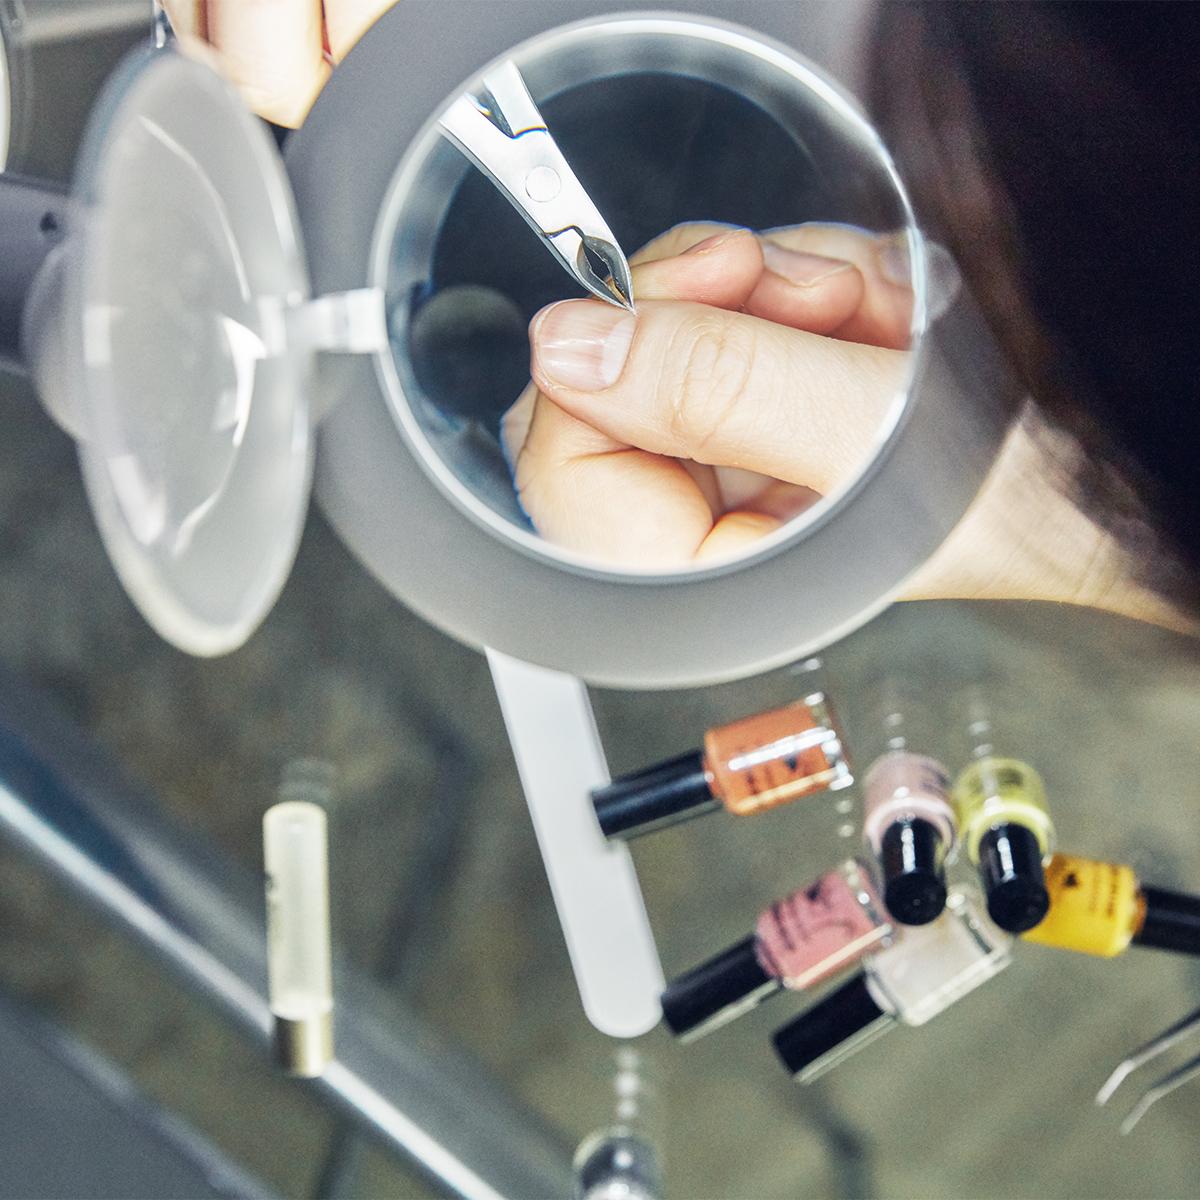 ネイル・指先のケア・トゲ抜きに|コードレスで使えて、隙間に収納できる!手元を大きく・明るく照らすルーペ付き太陽光LEDの「デスクライト」|daylight - Halo Go